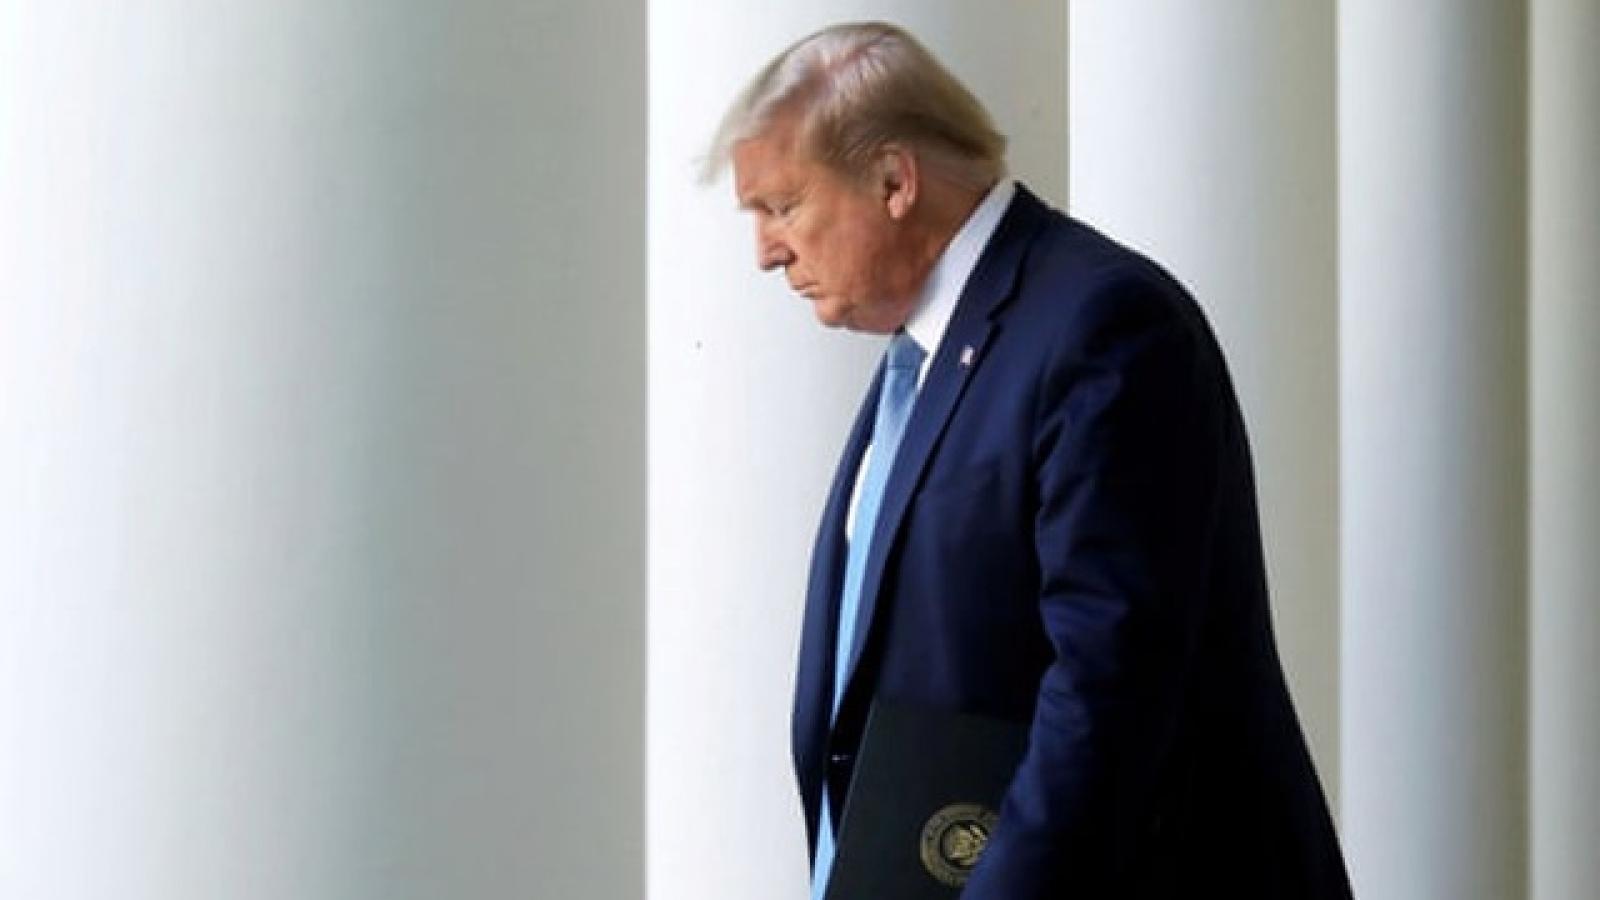 Trợ lý rời bỏ, Tổng thống Trump tiếp tục cuộc chiến pháp lý trong đơn độc